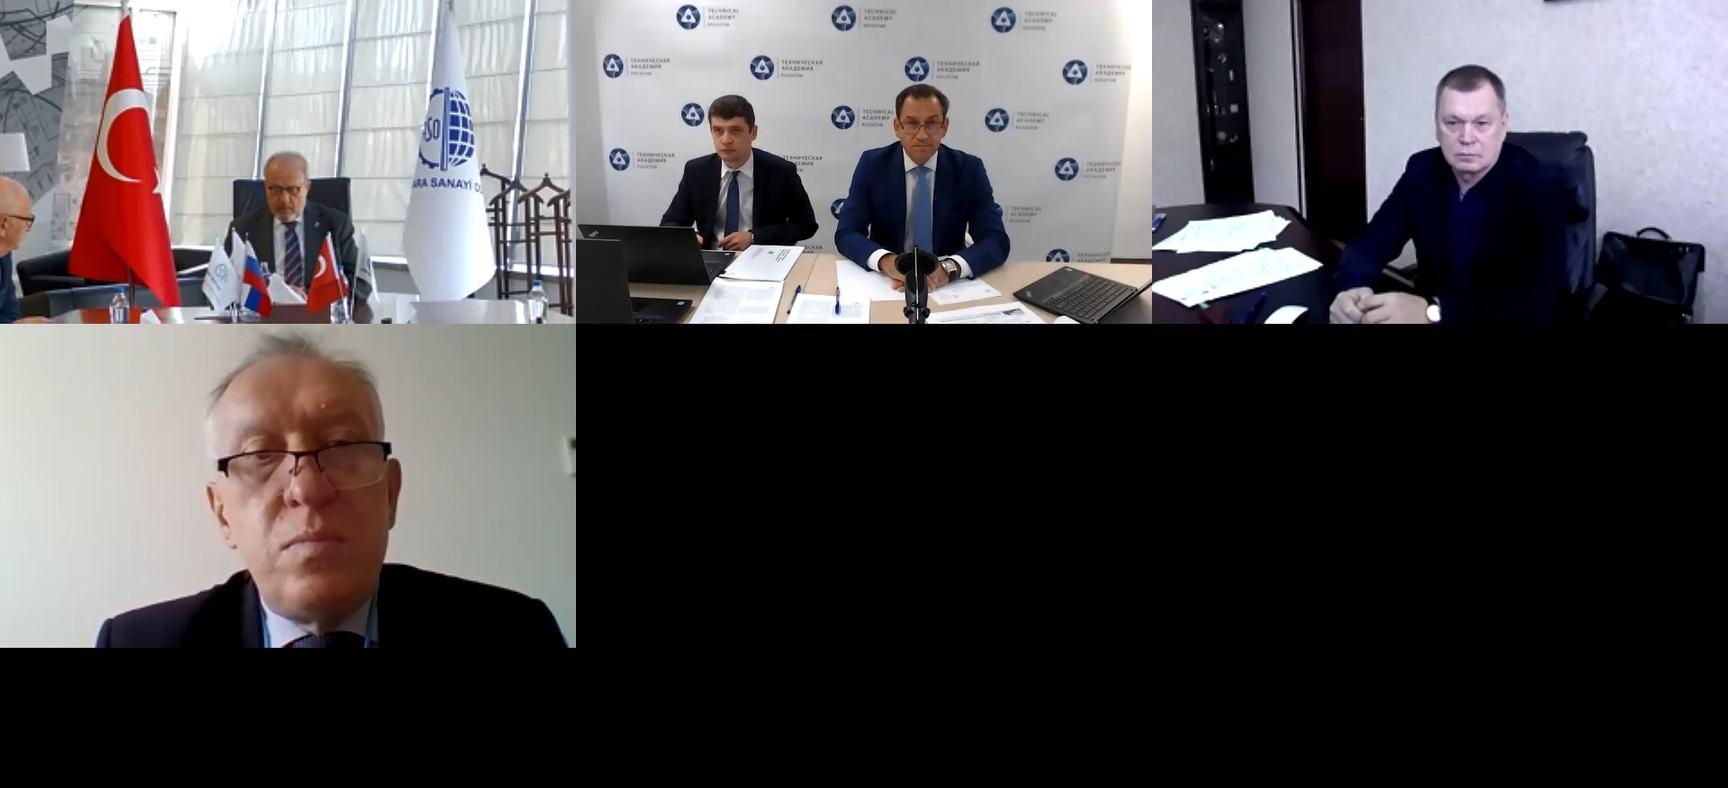 Росатом и Промышленная палата Анкары обсудили перспективы сотрудничества